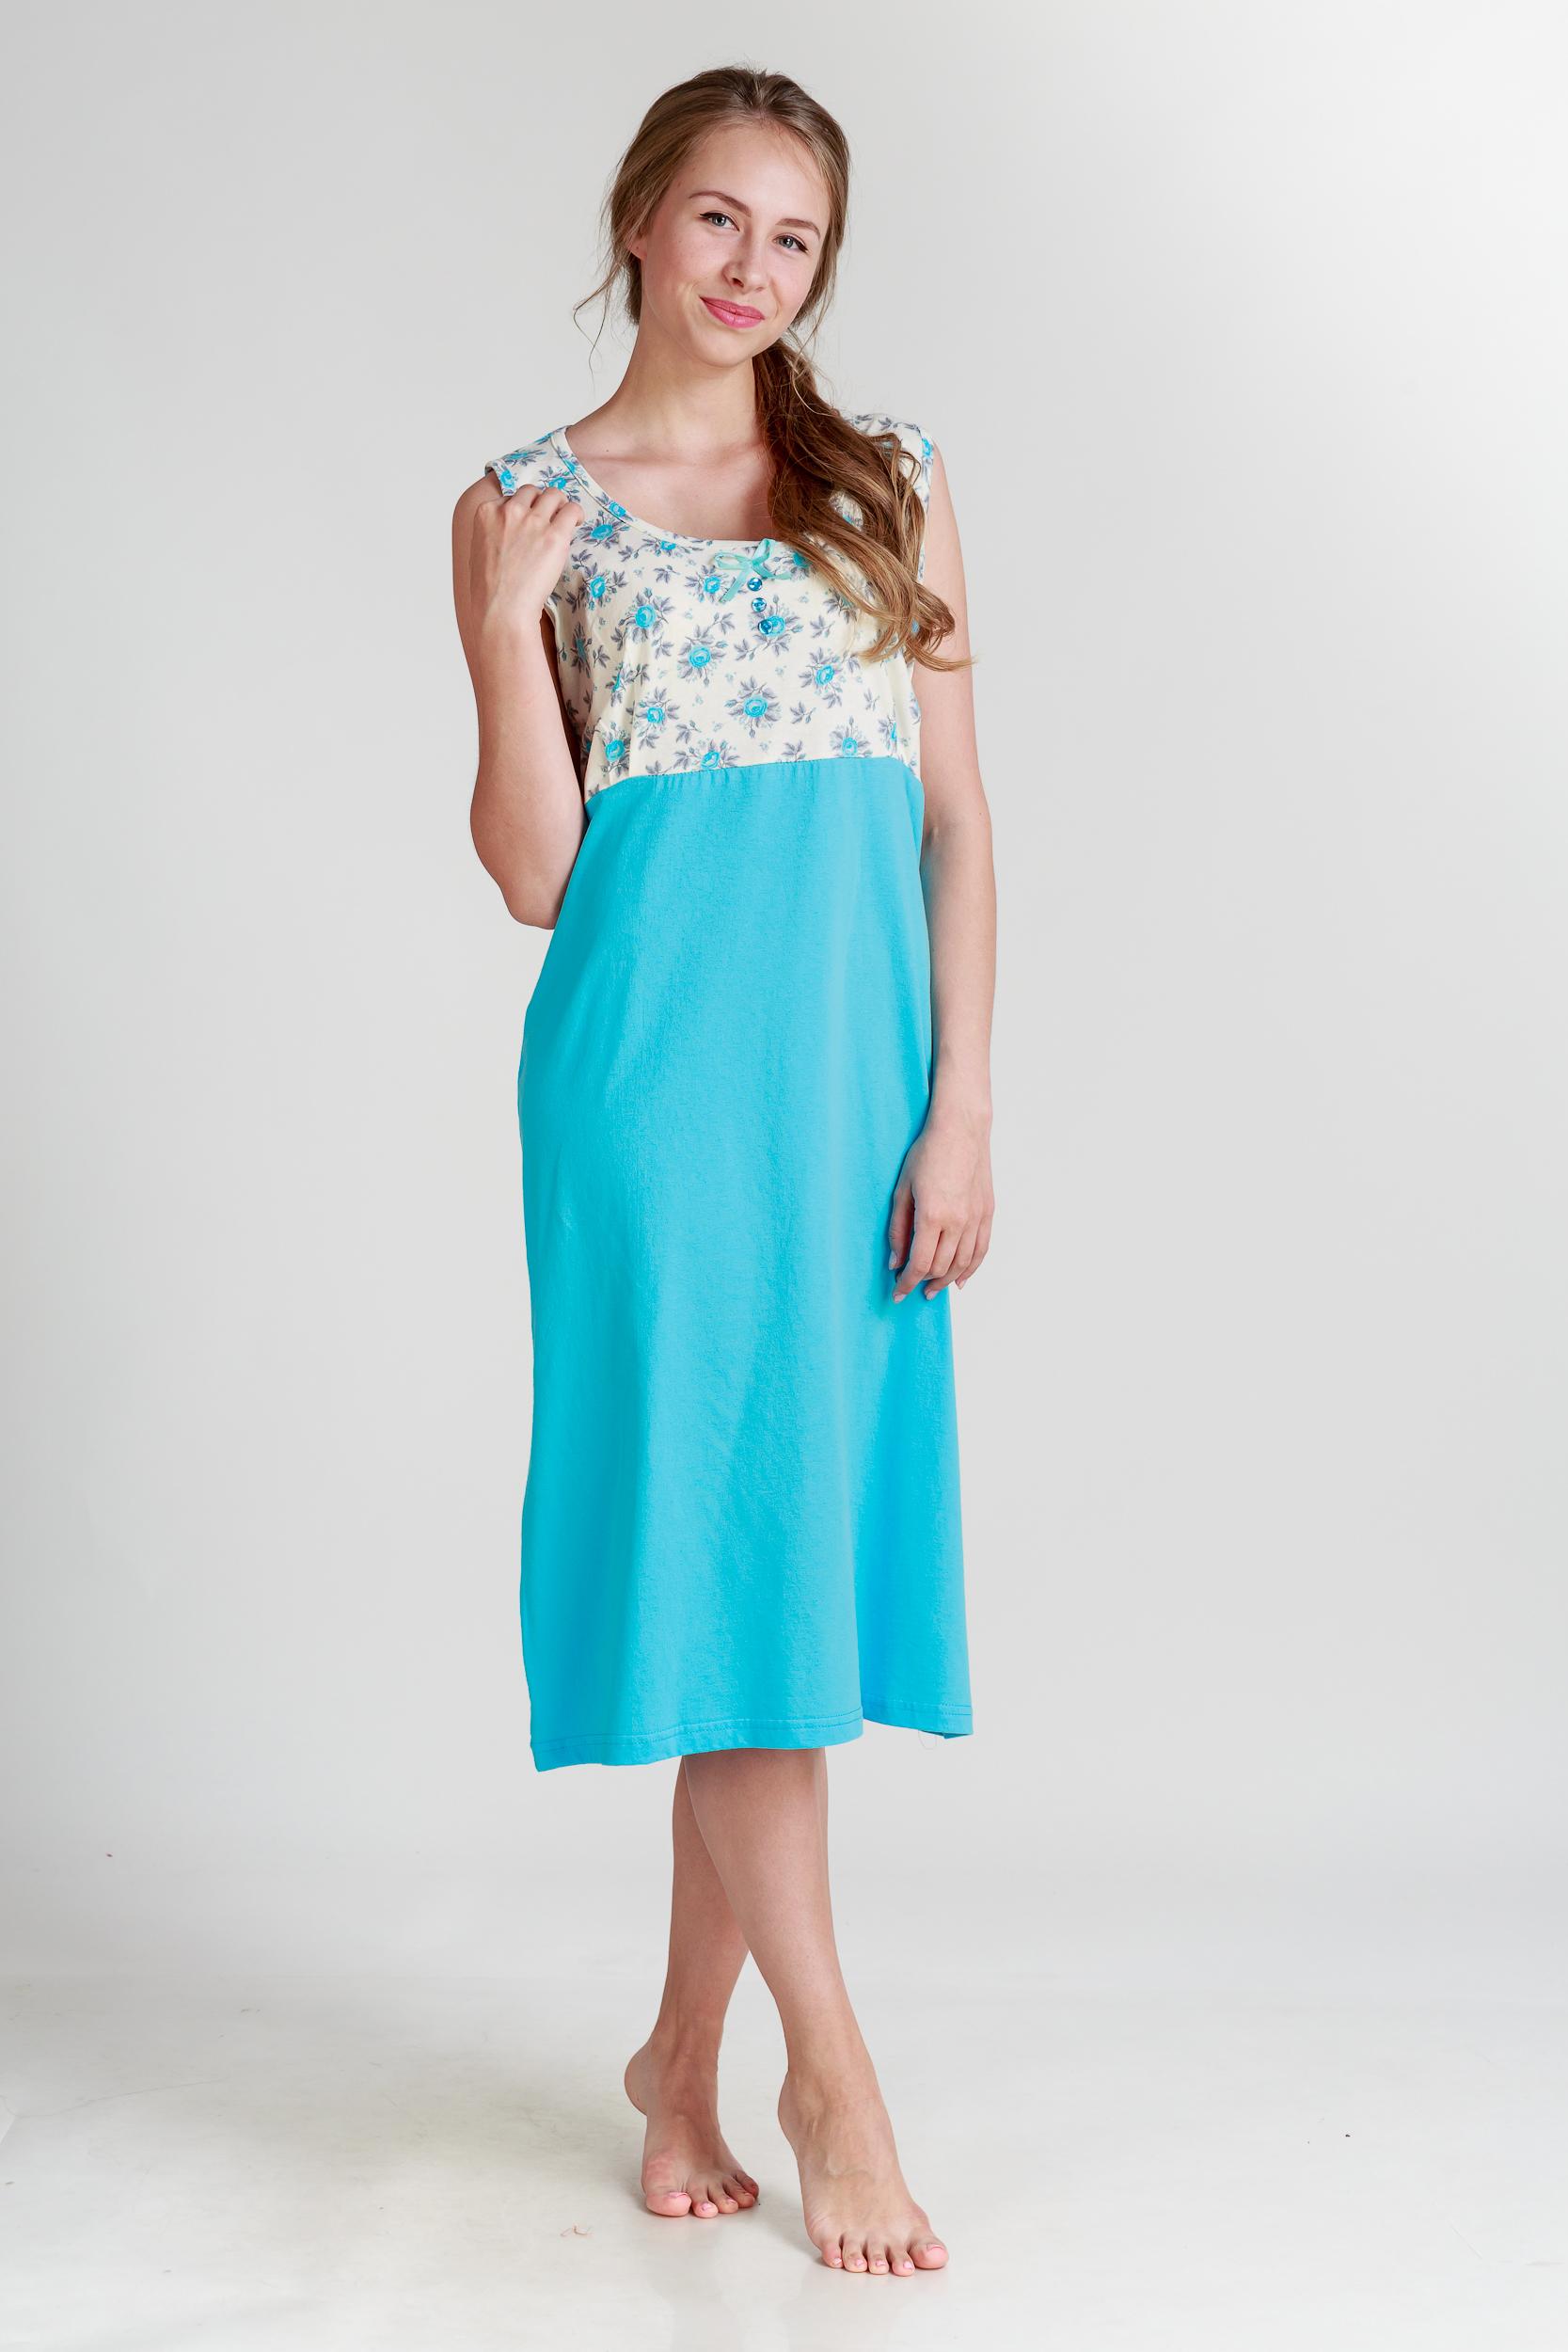 Ночные сорочки Pastilla Ночная сорочка Ваниль Цвет: Голубой (xxL) сорочка ночная для беременных и кормящих мамин дом мамин дом цвет голубой 24130 размер 48